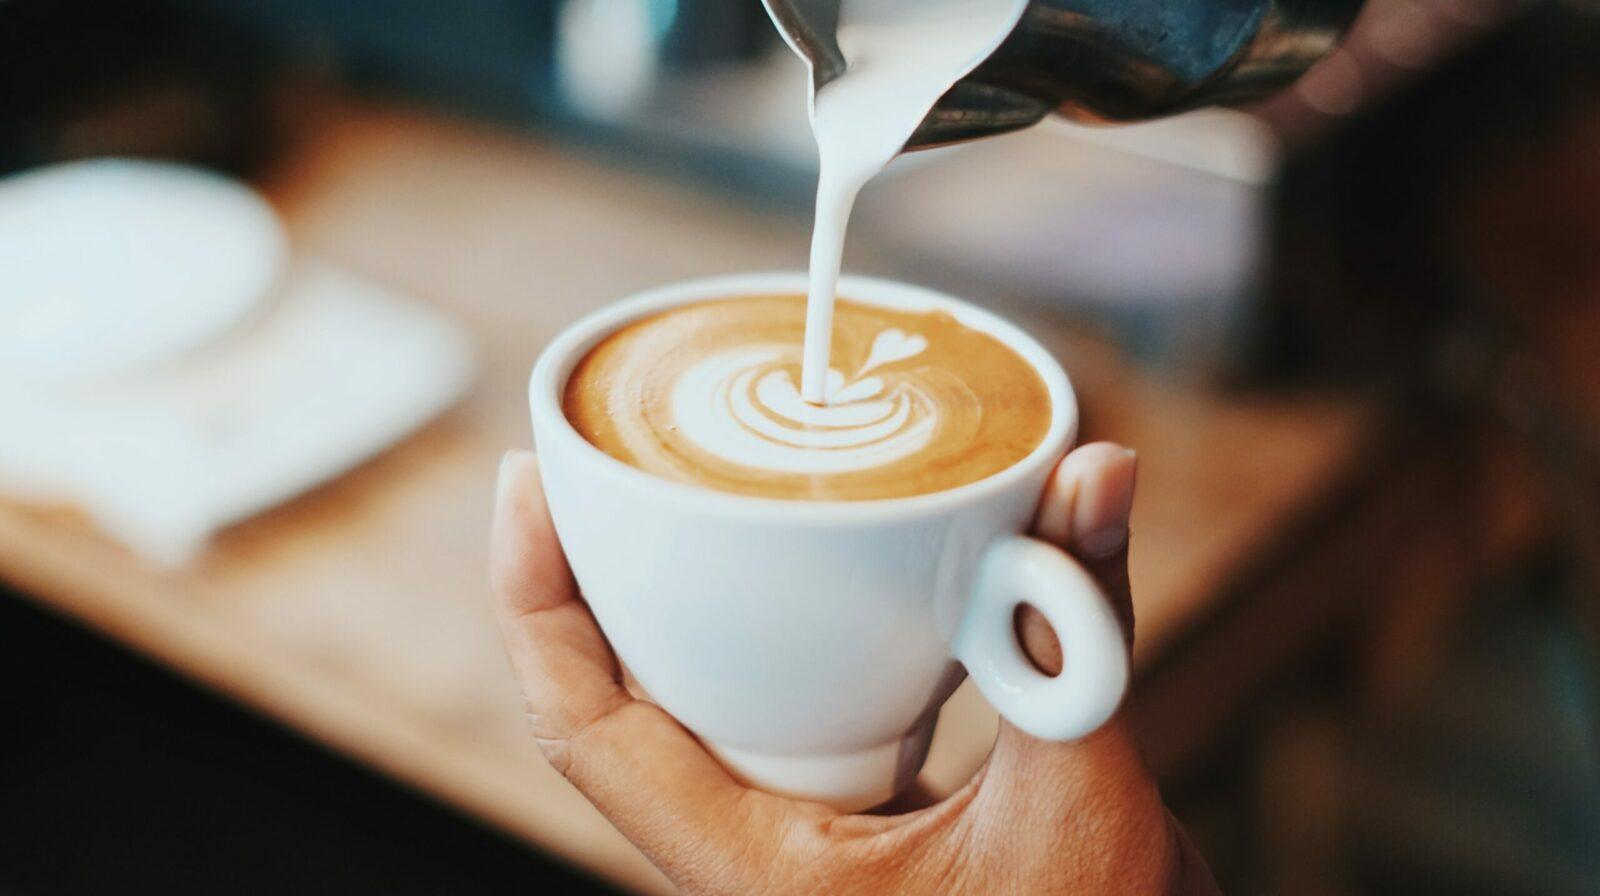 Wat doet koffie met je lichaam?